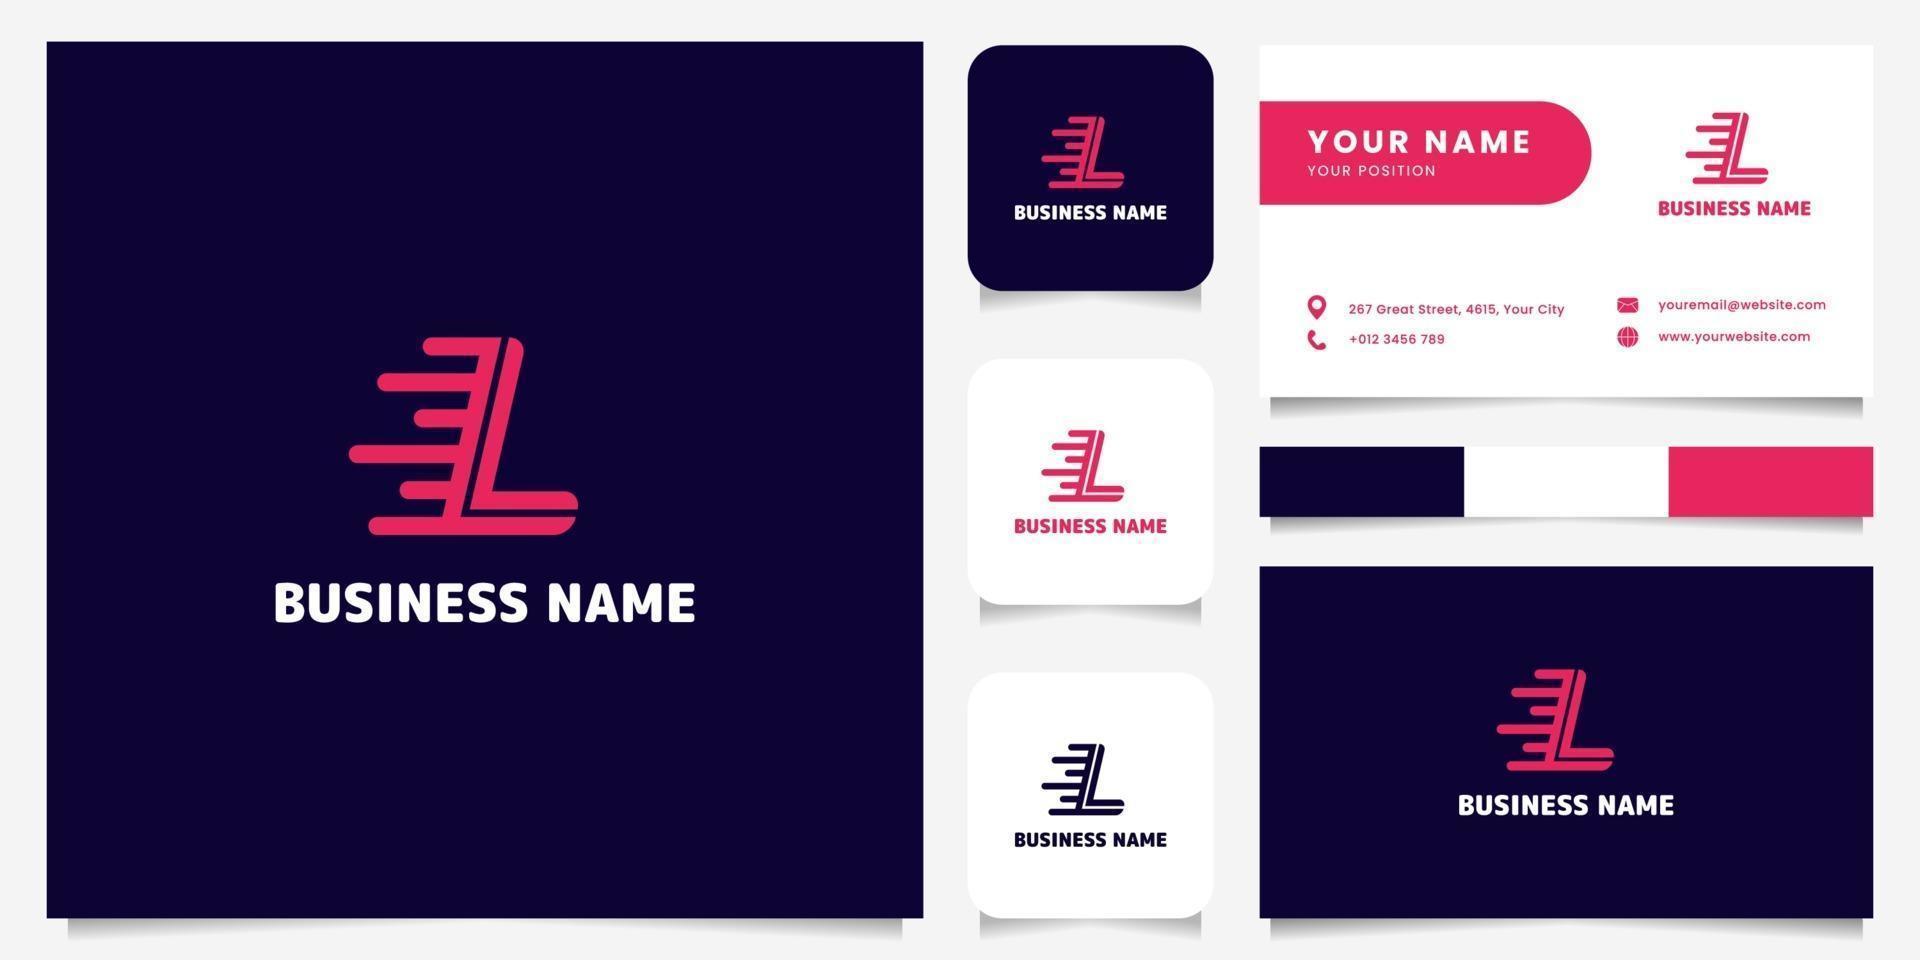 logo di velocità lettera l rosa brillante semplice e minimalista nel logo di sfondo scuro con modello di biglietto da visita vettore